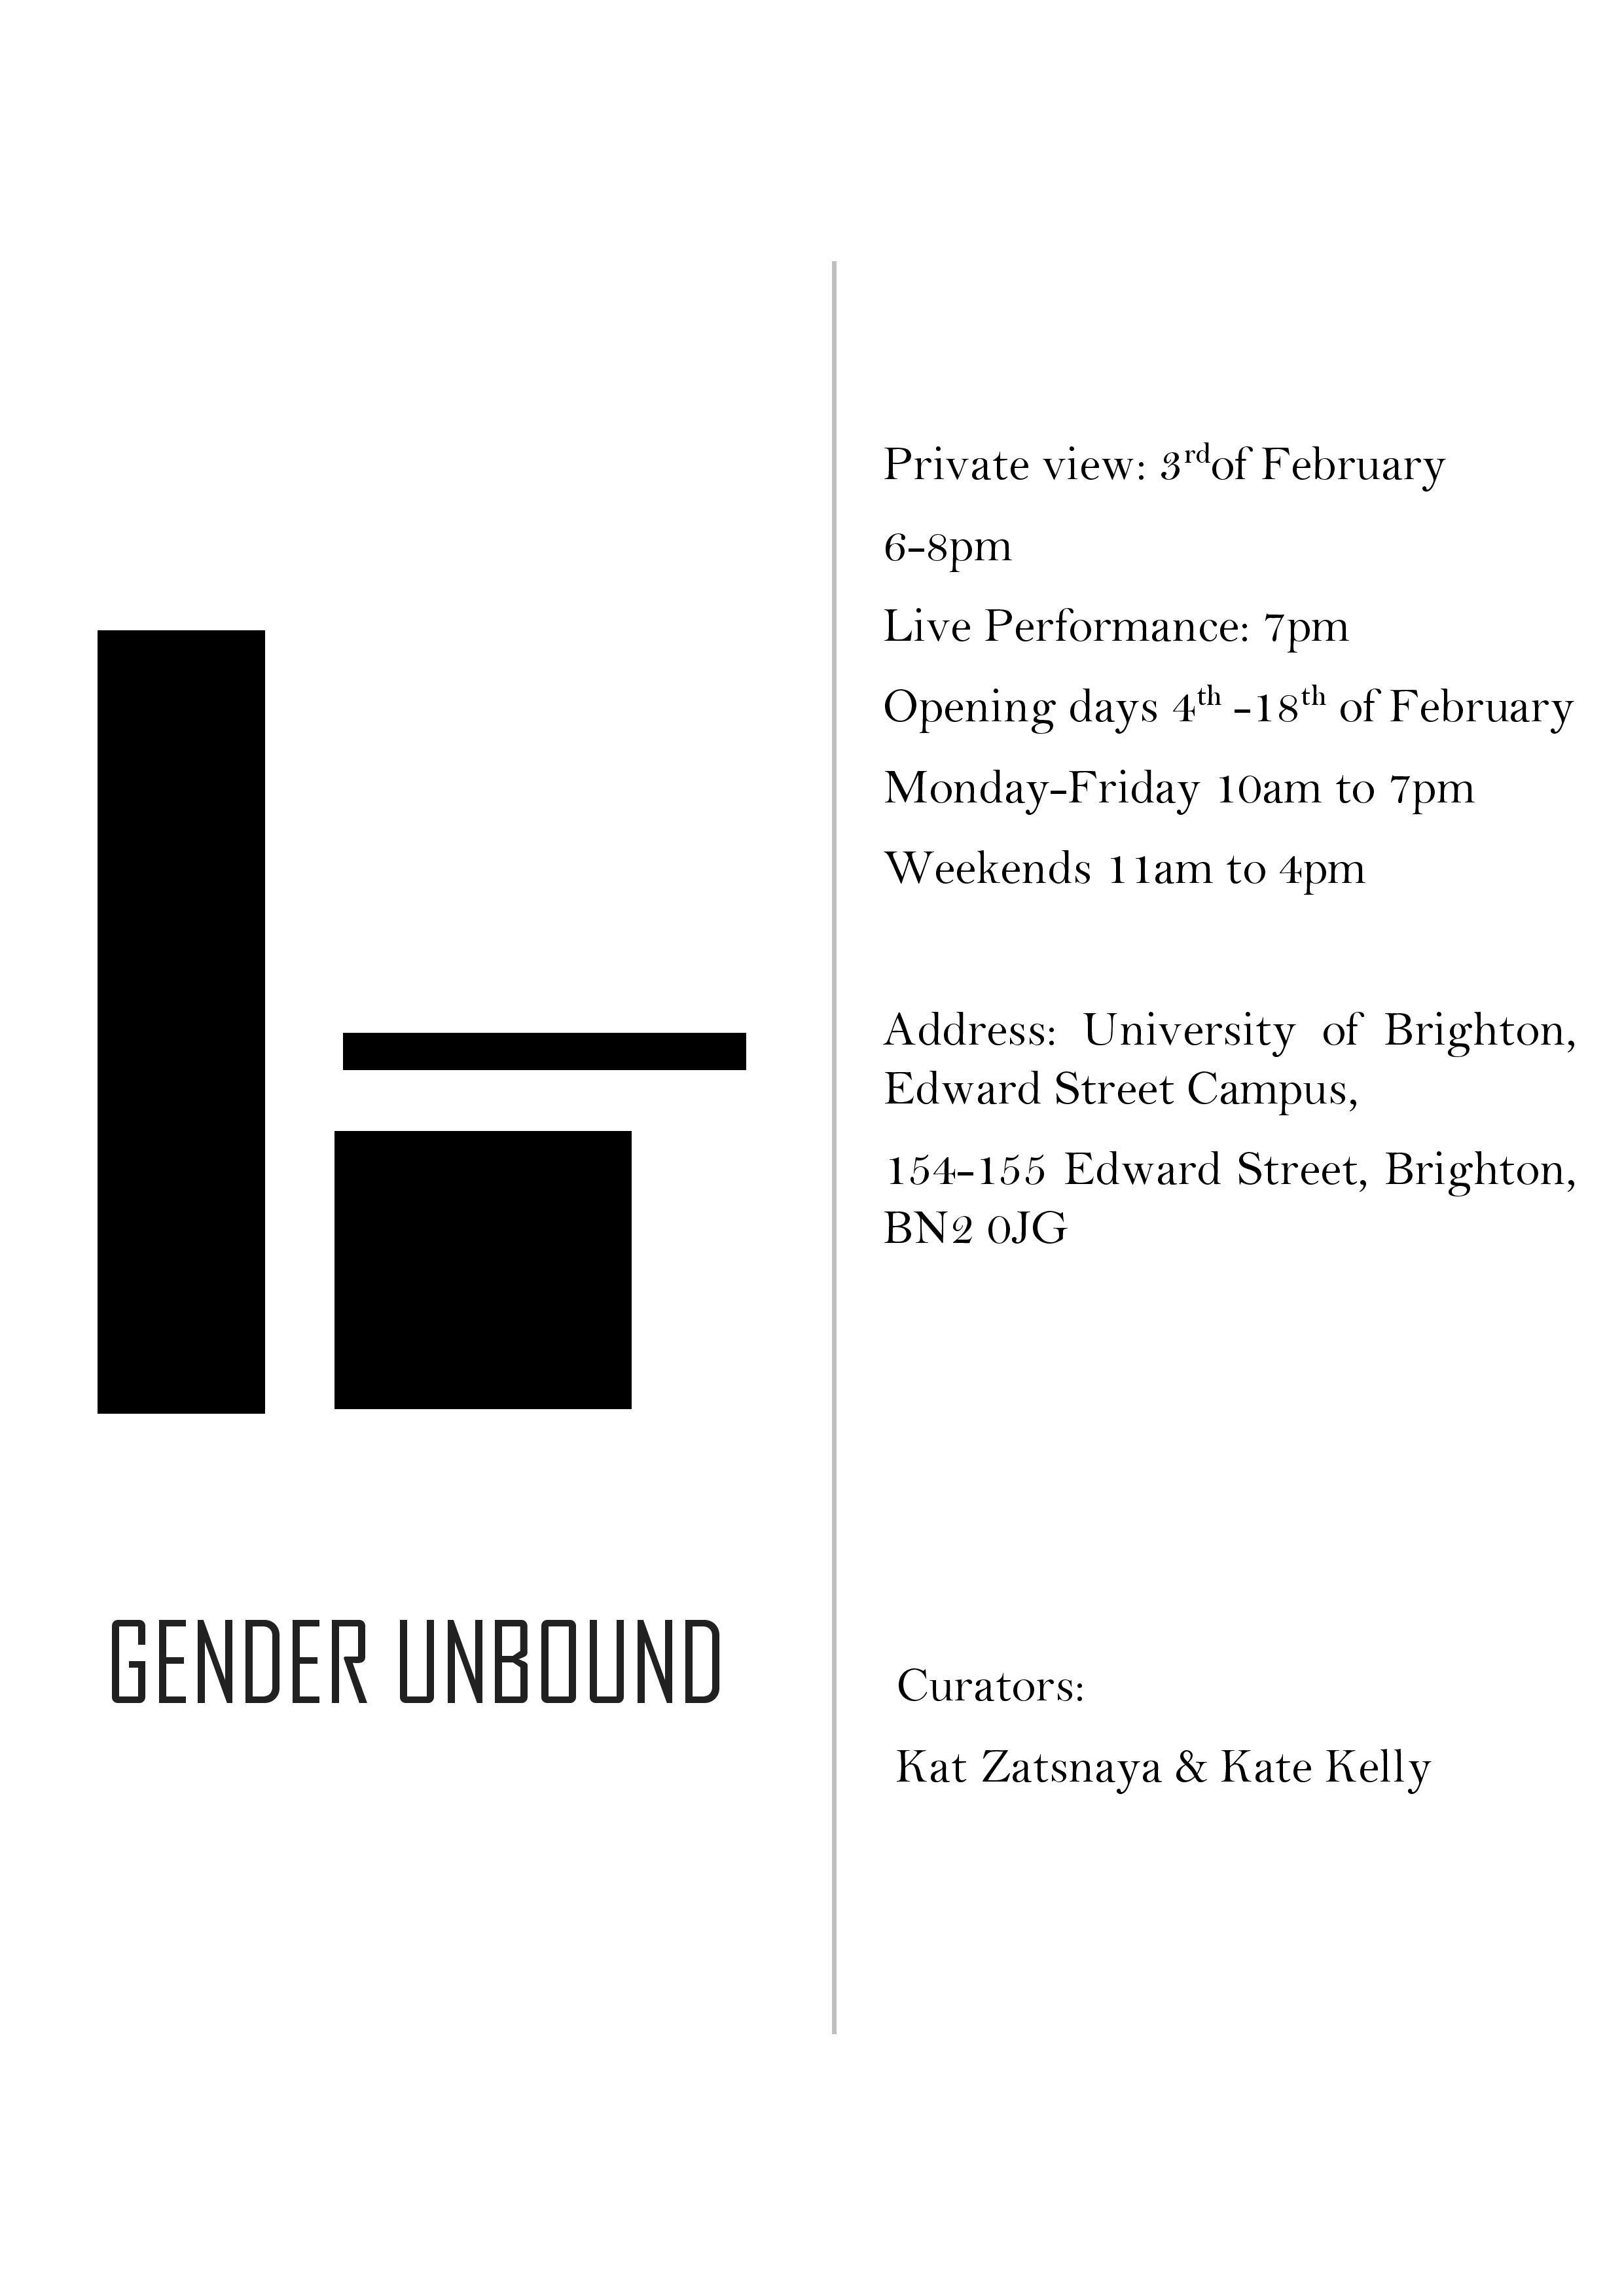 Gender Unbound Poster-page-001